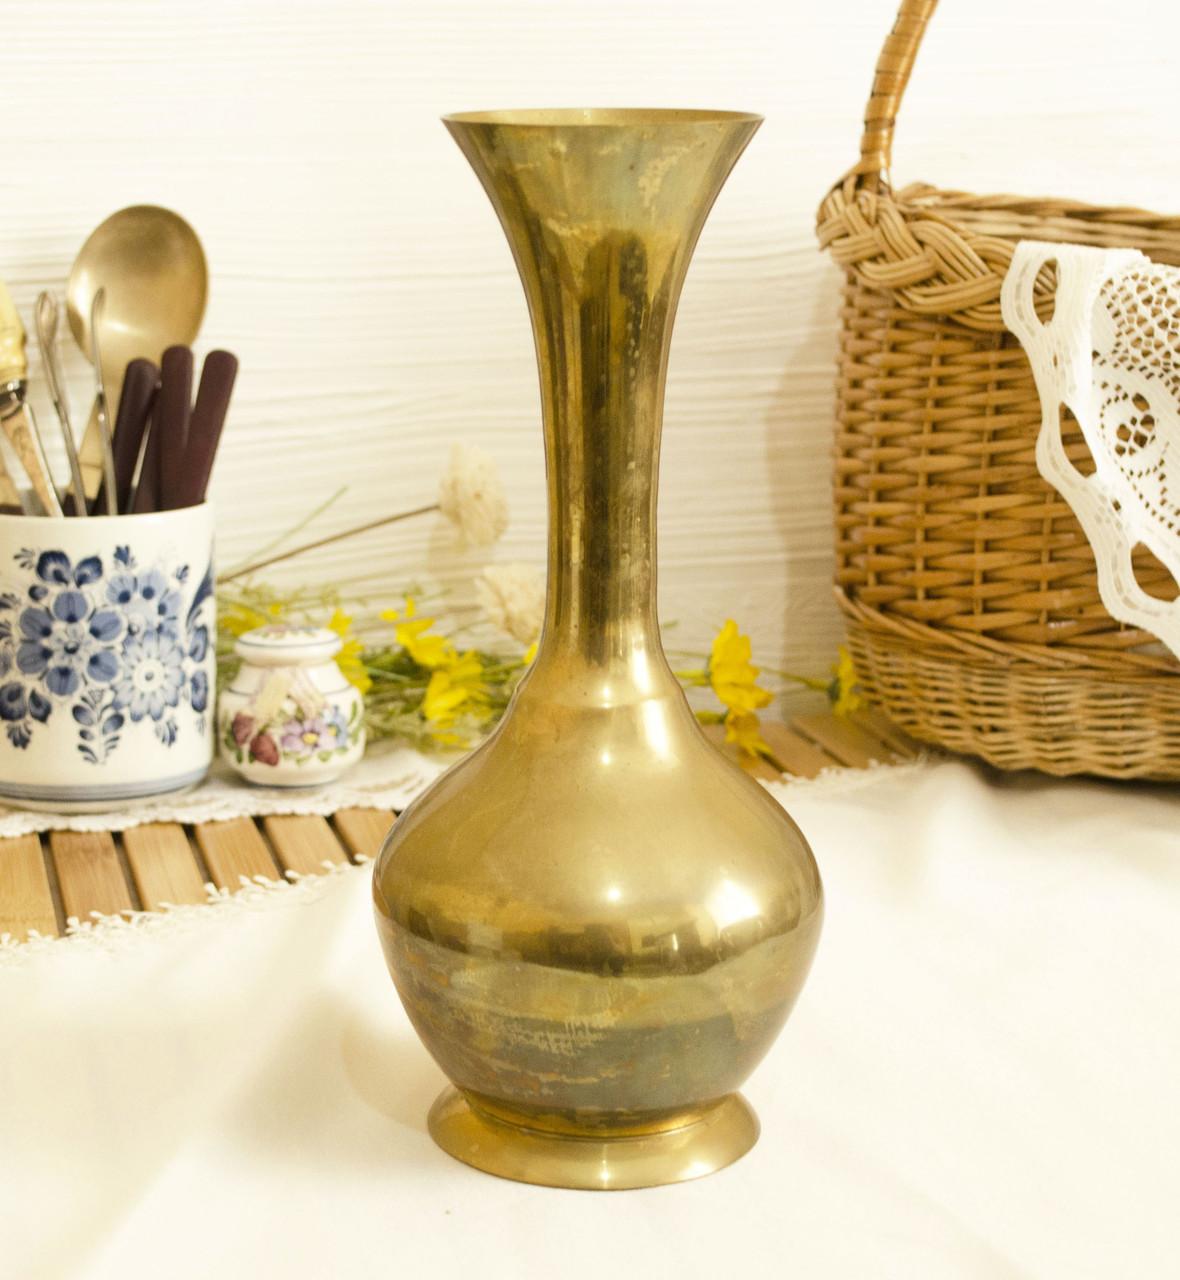 Большая индийская латунная ваза, бронза, латунь, Индия, 26 см